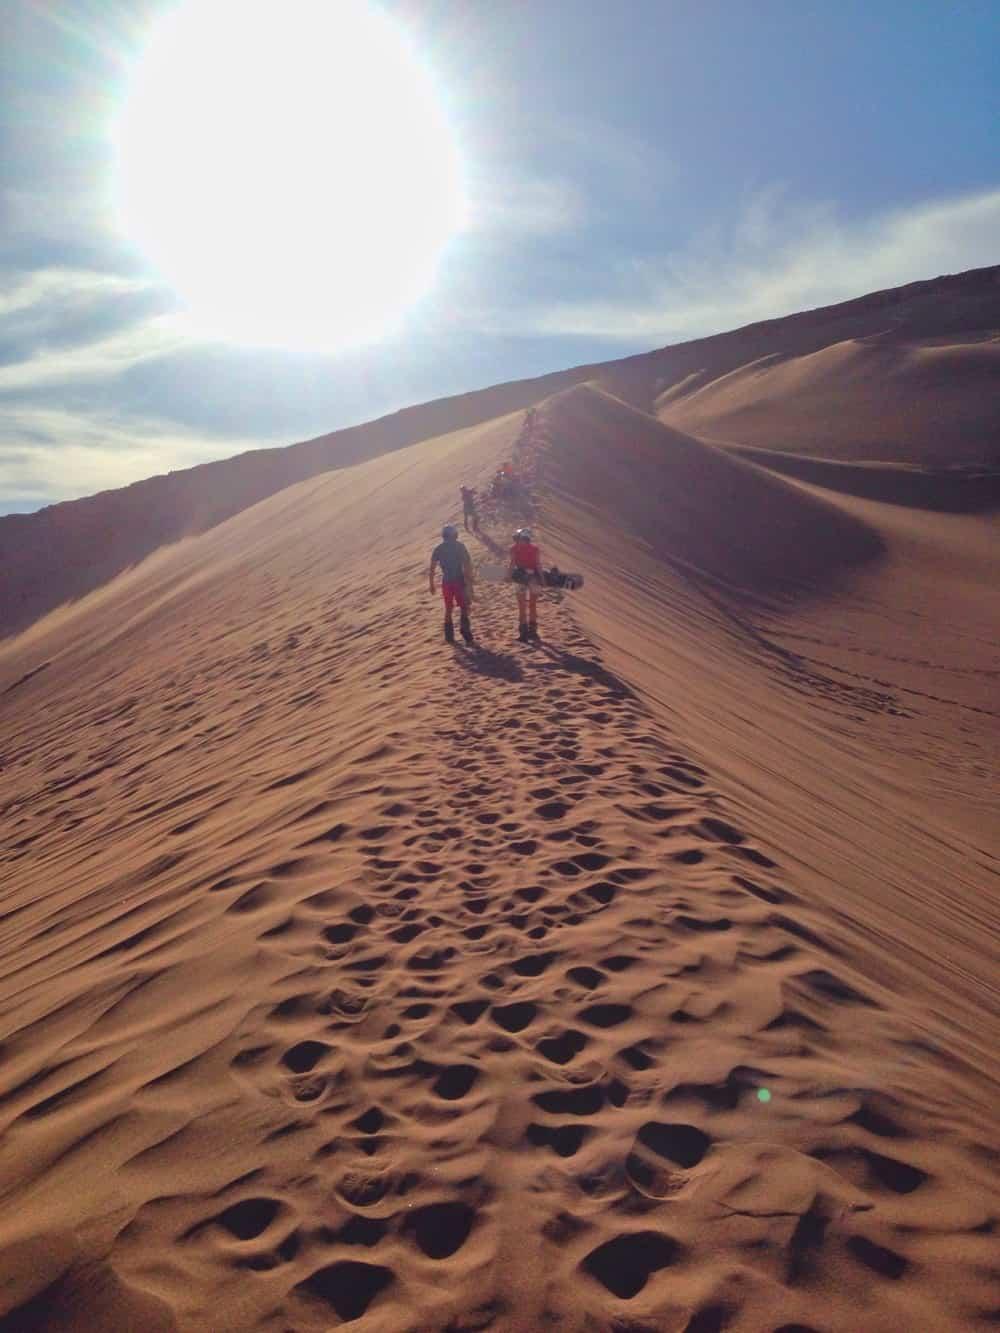 dunes in the heat